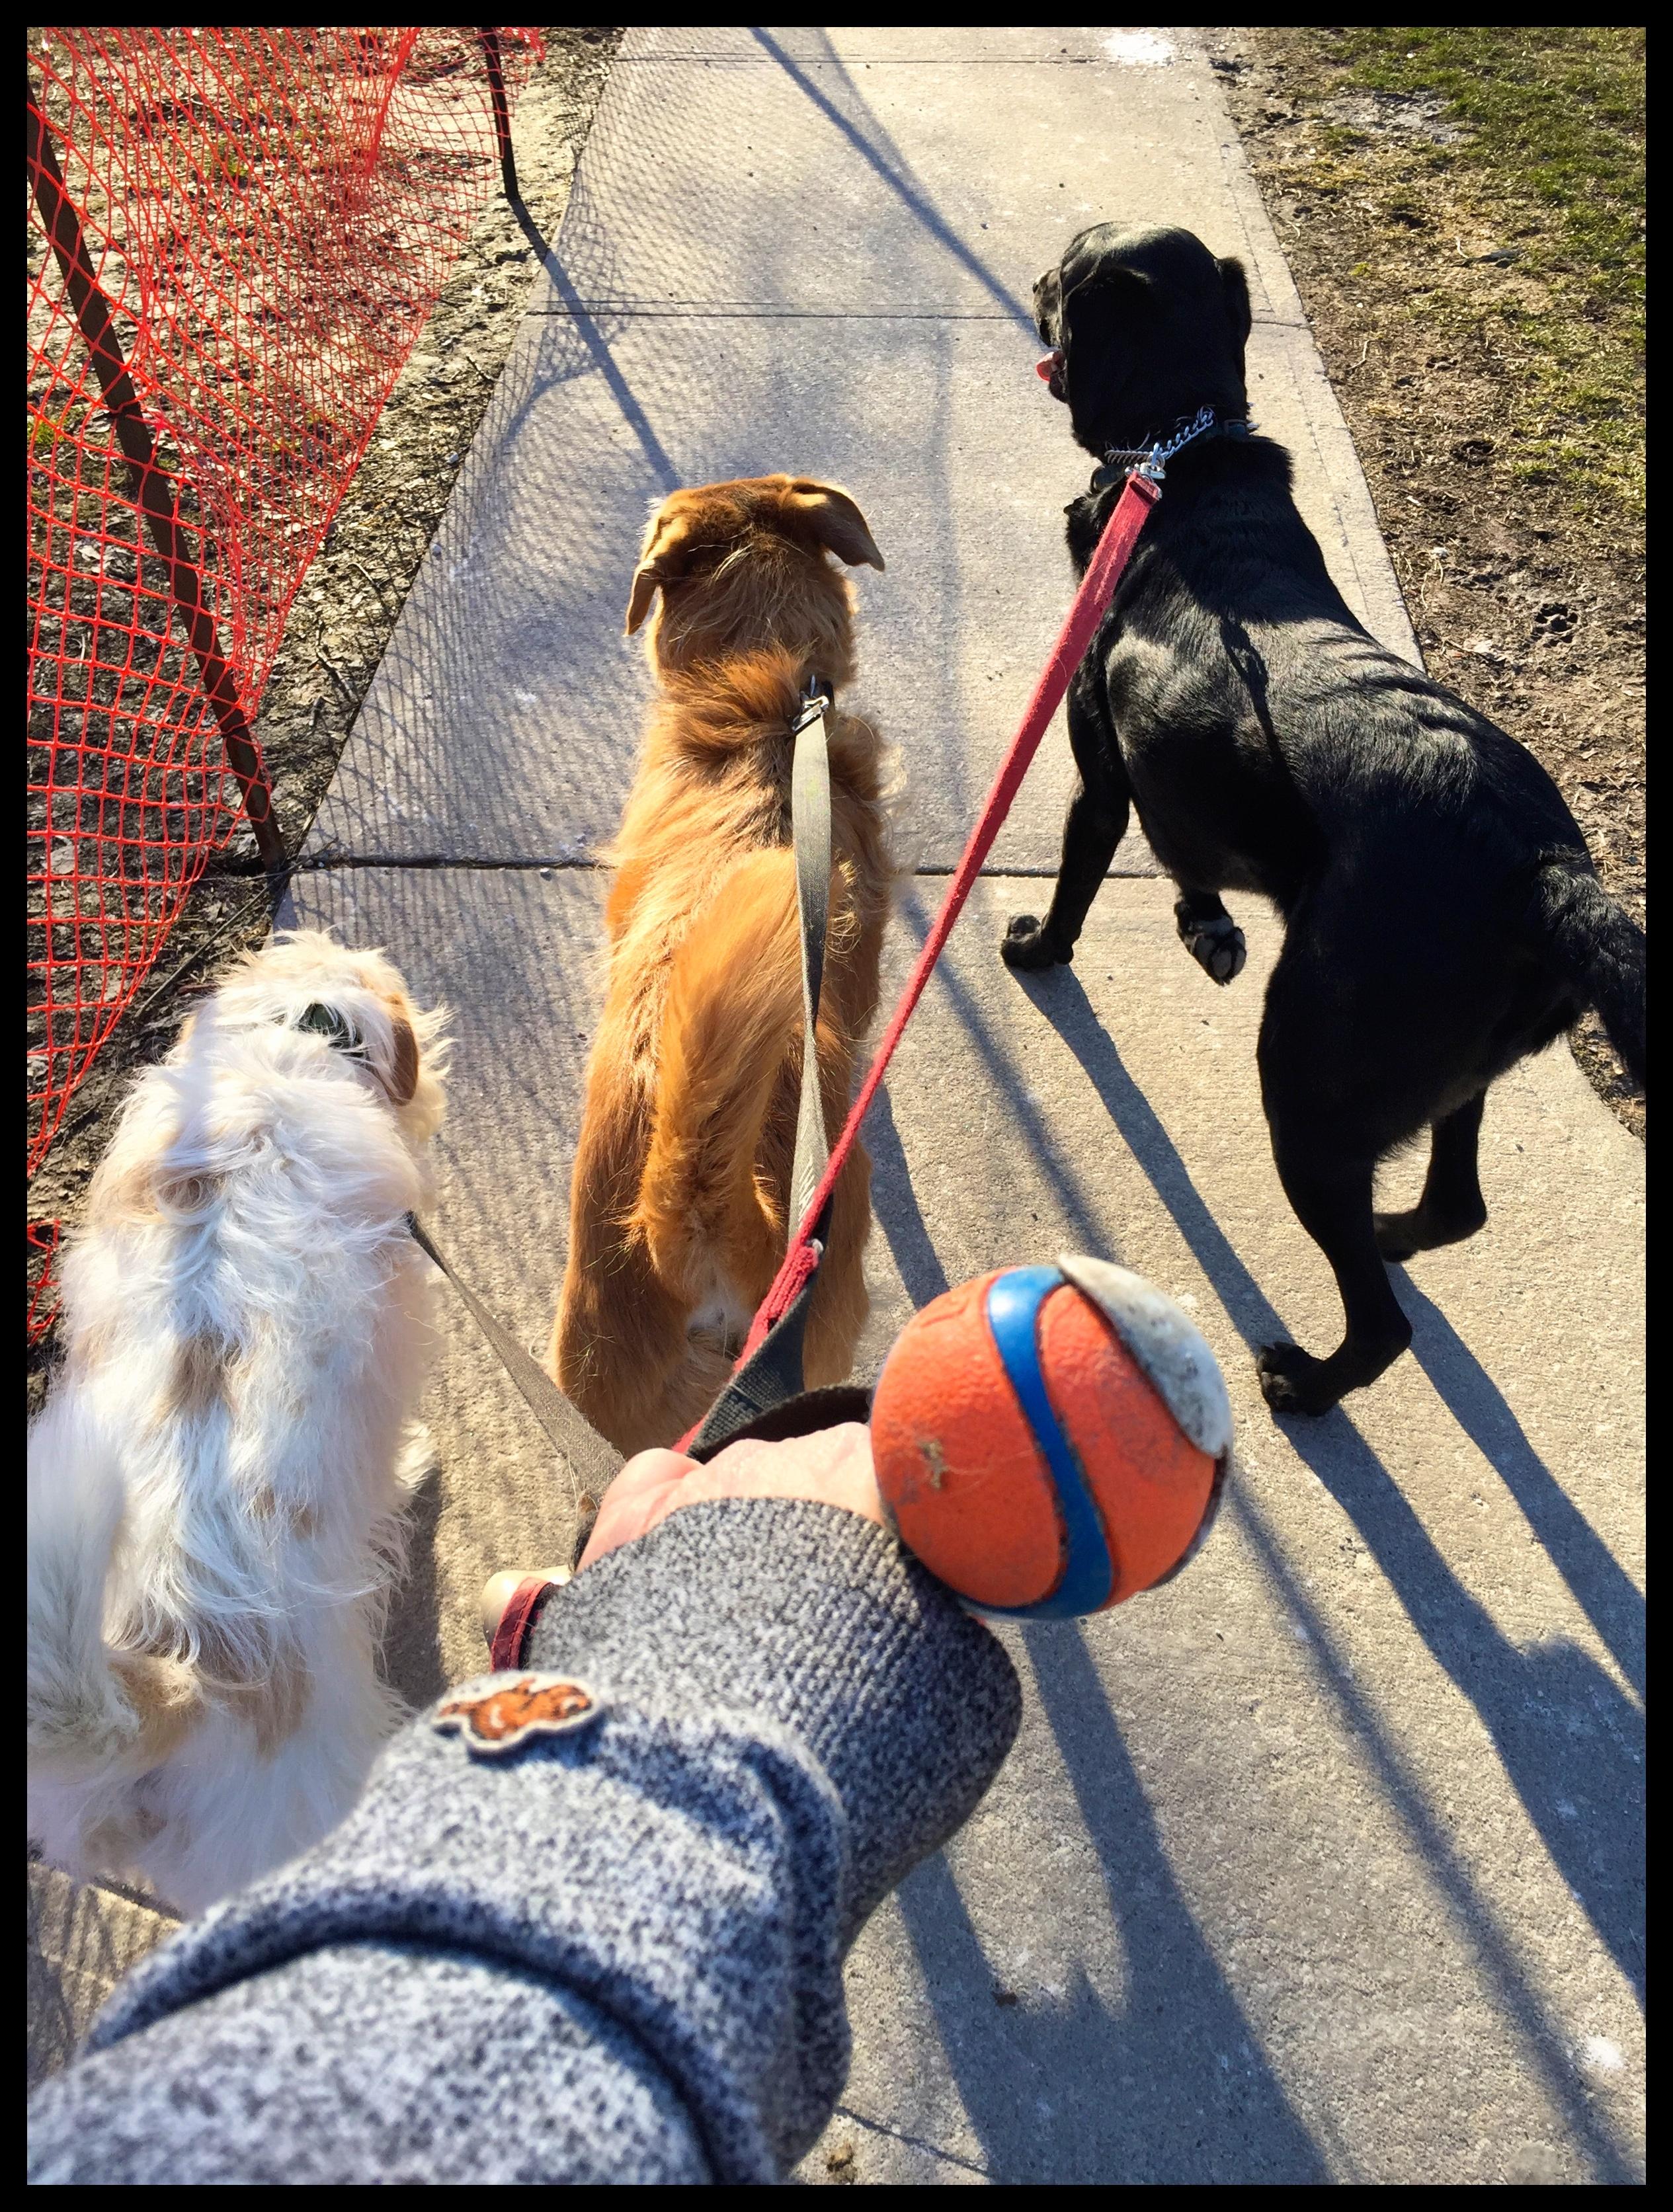 ball time!